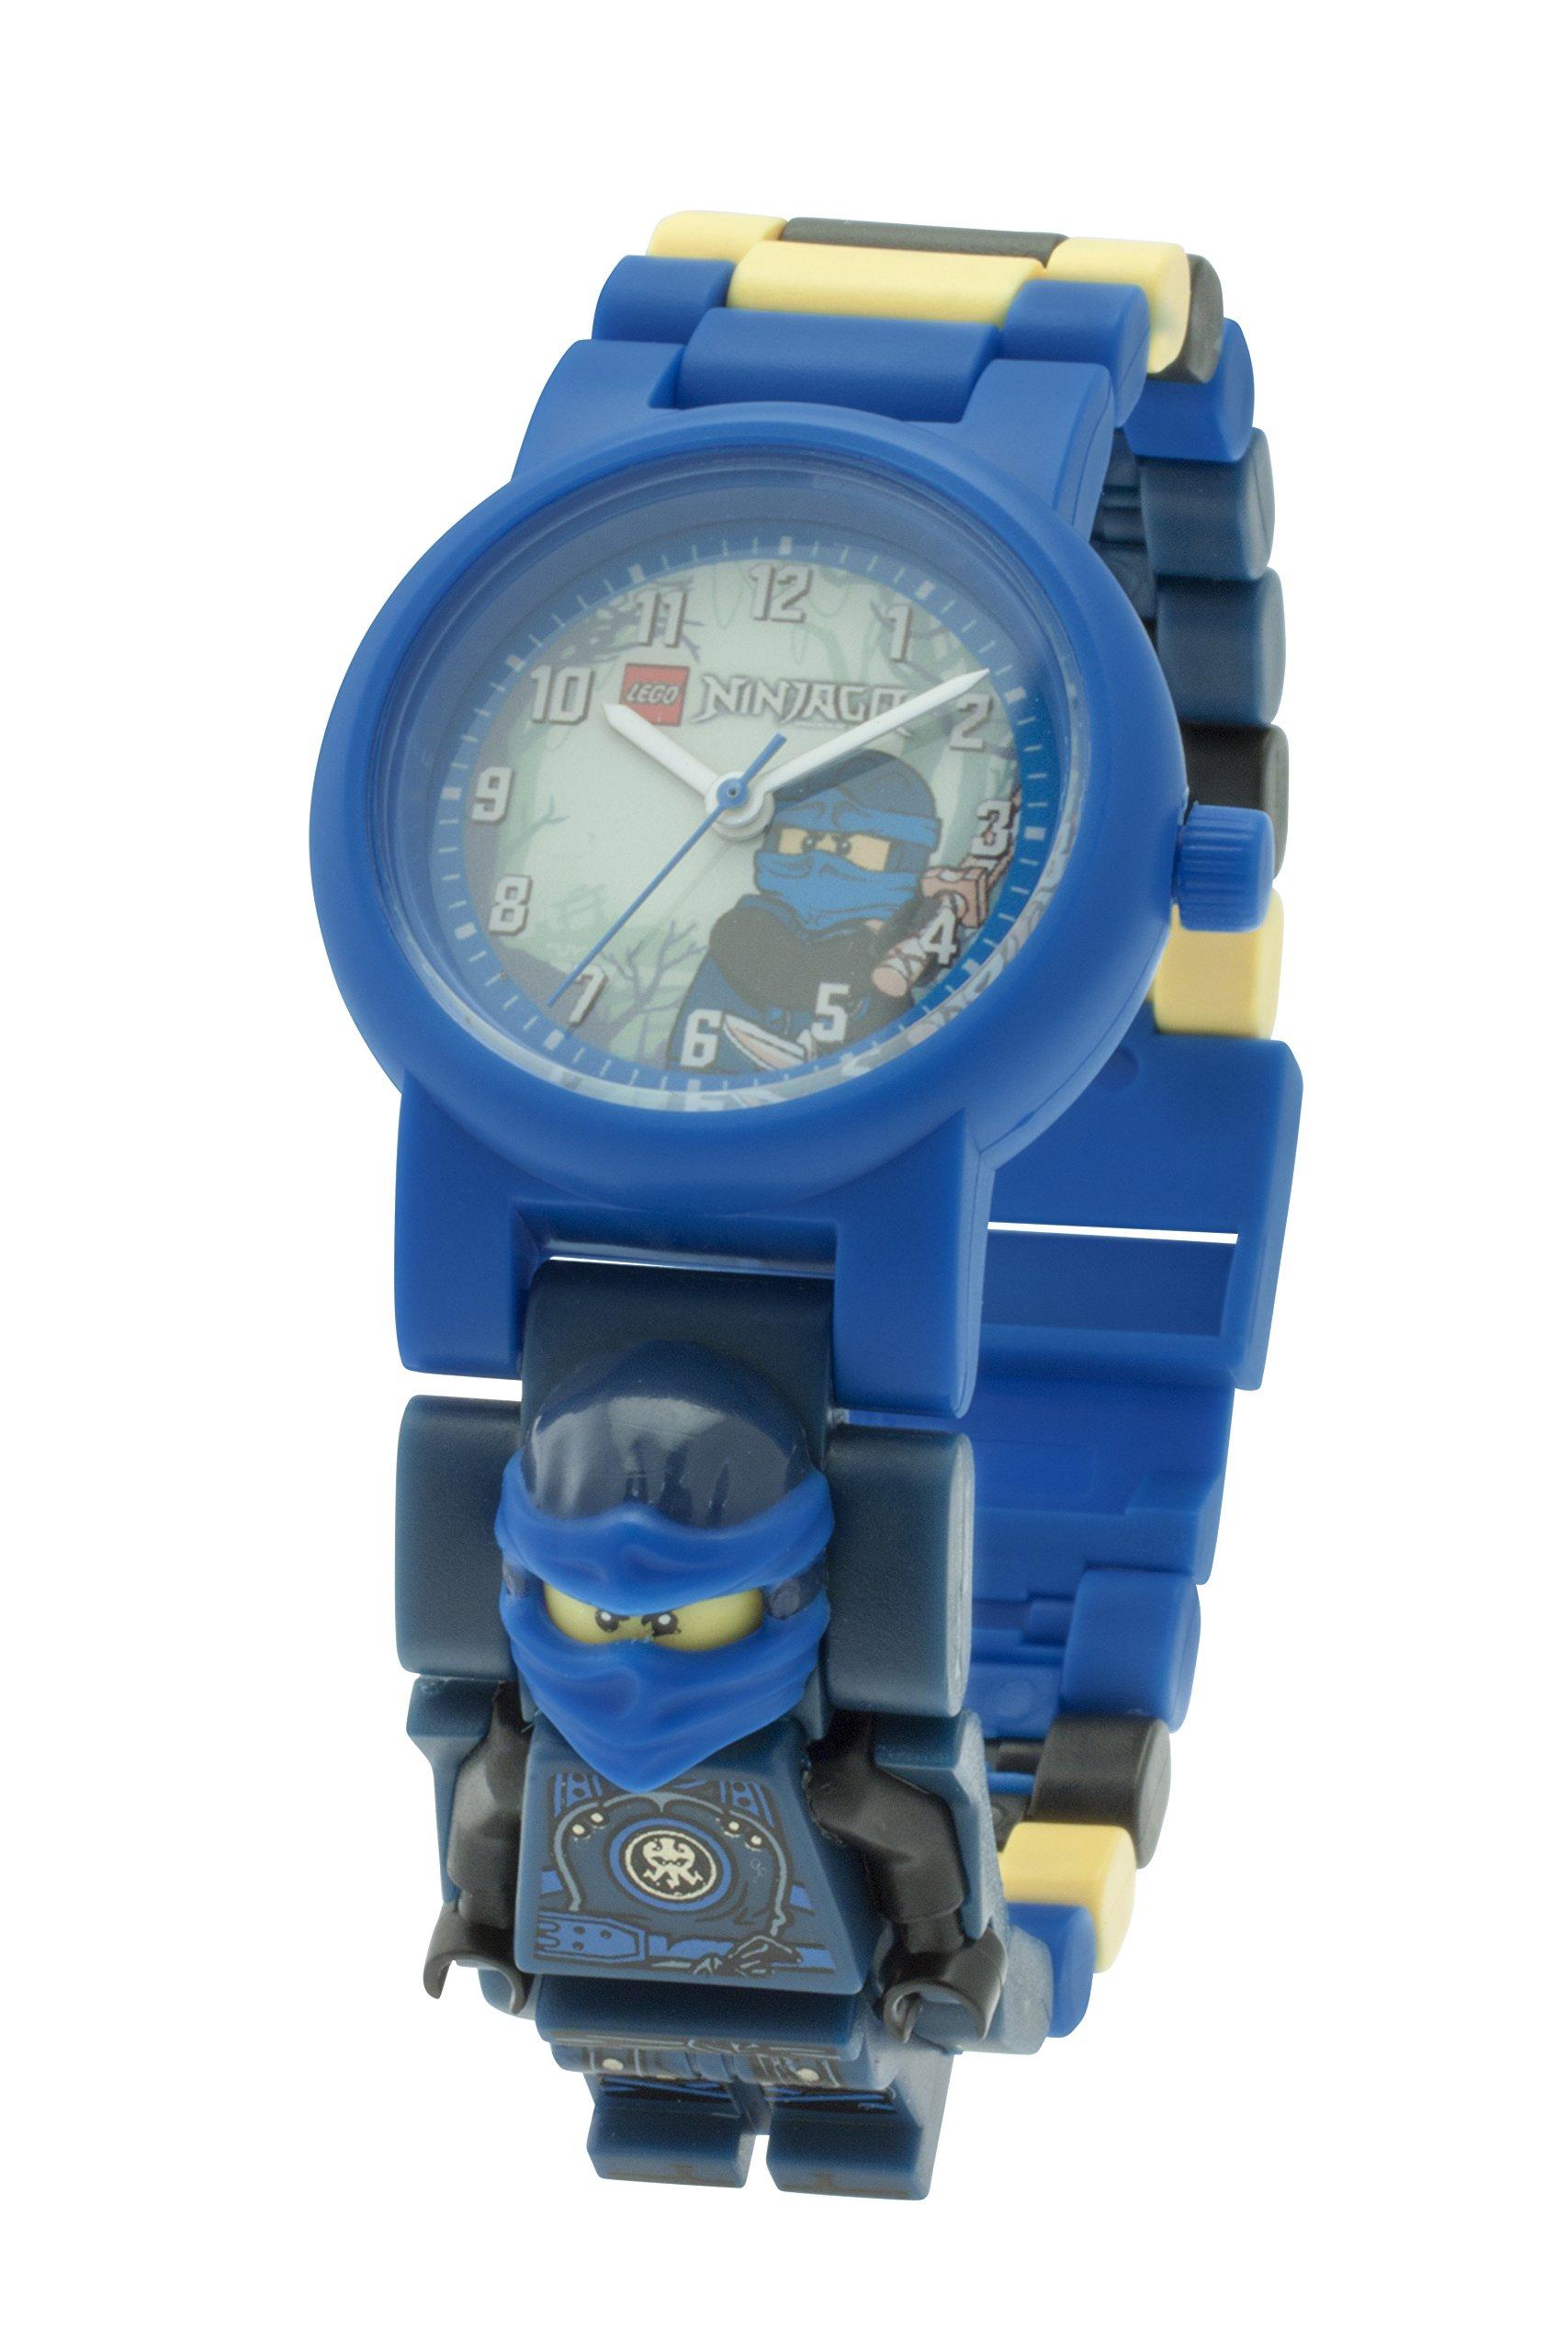 LEGO Ninjago 8020905 Hands of Time Jay Kinder-Armbanduhr mit Minifigur und Gliederarmband zum Zusammenbauen | blau/schwarz| Kunststoff | analoge Quarzuhr | Junge/Mädchen | offiziell